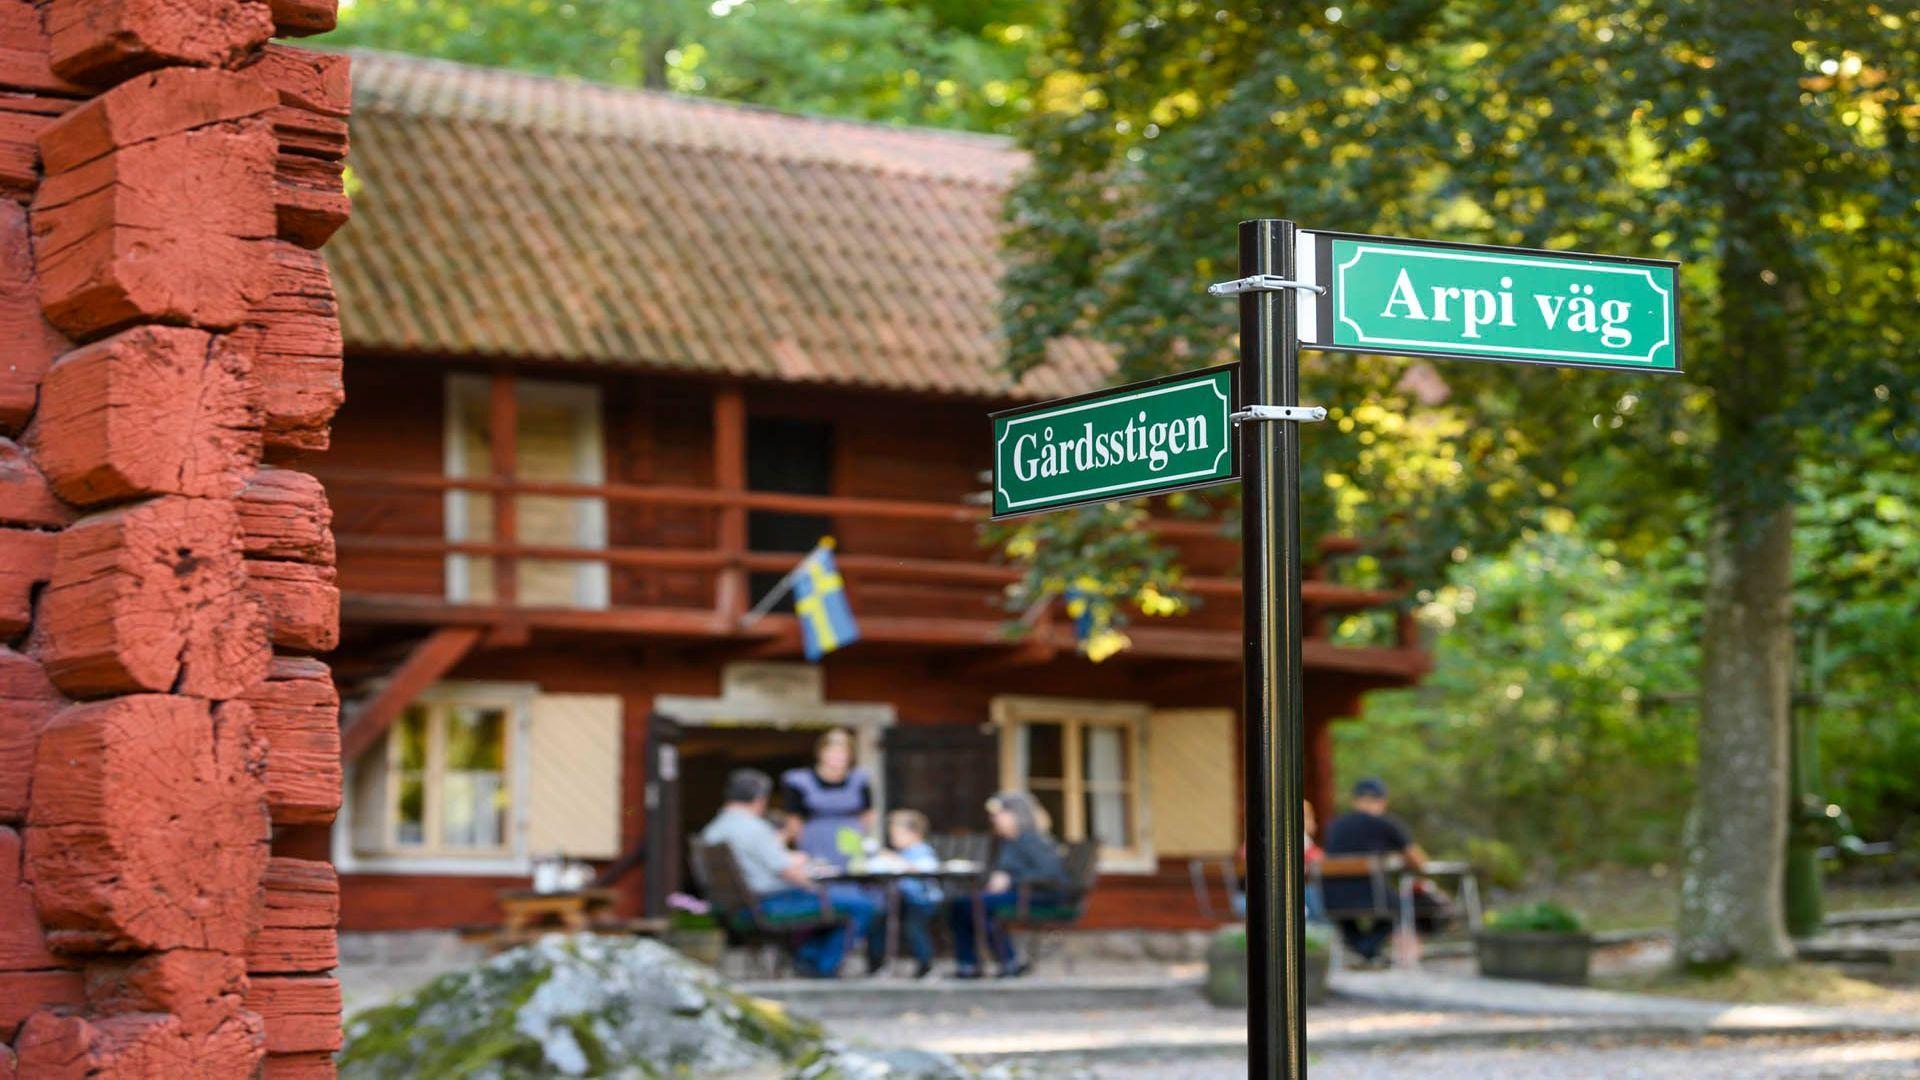 Gamla hus och skyltar på Gammelgården friluftsmuseum och Café. Fotograf: Pressbild